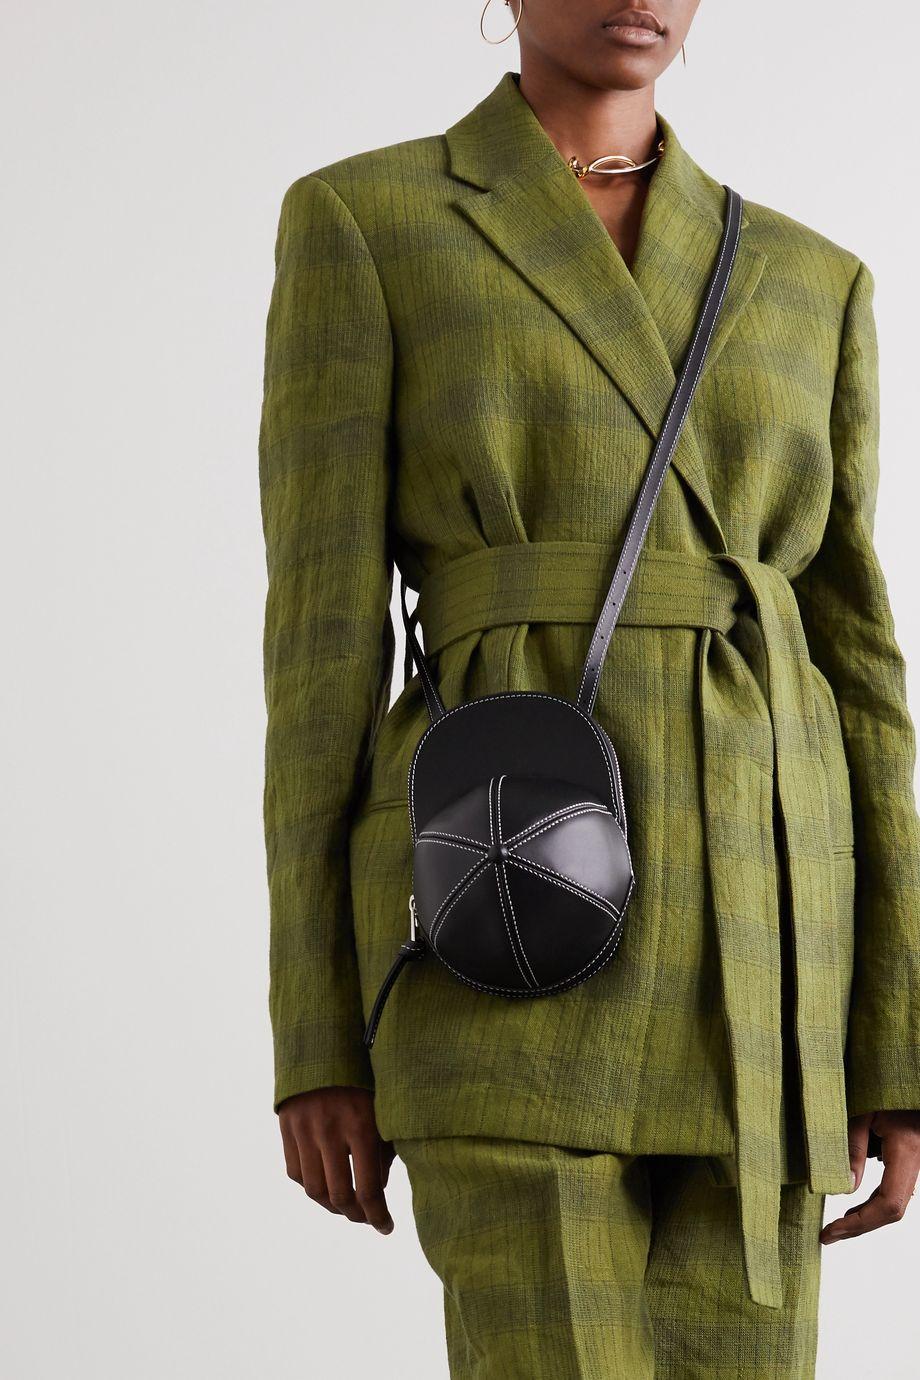 JW Anderson Cap leather shoulder bag